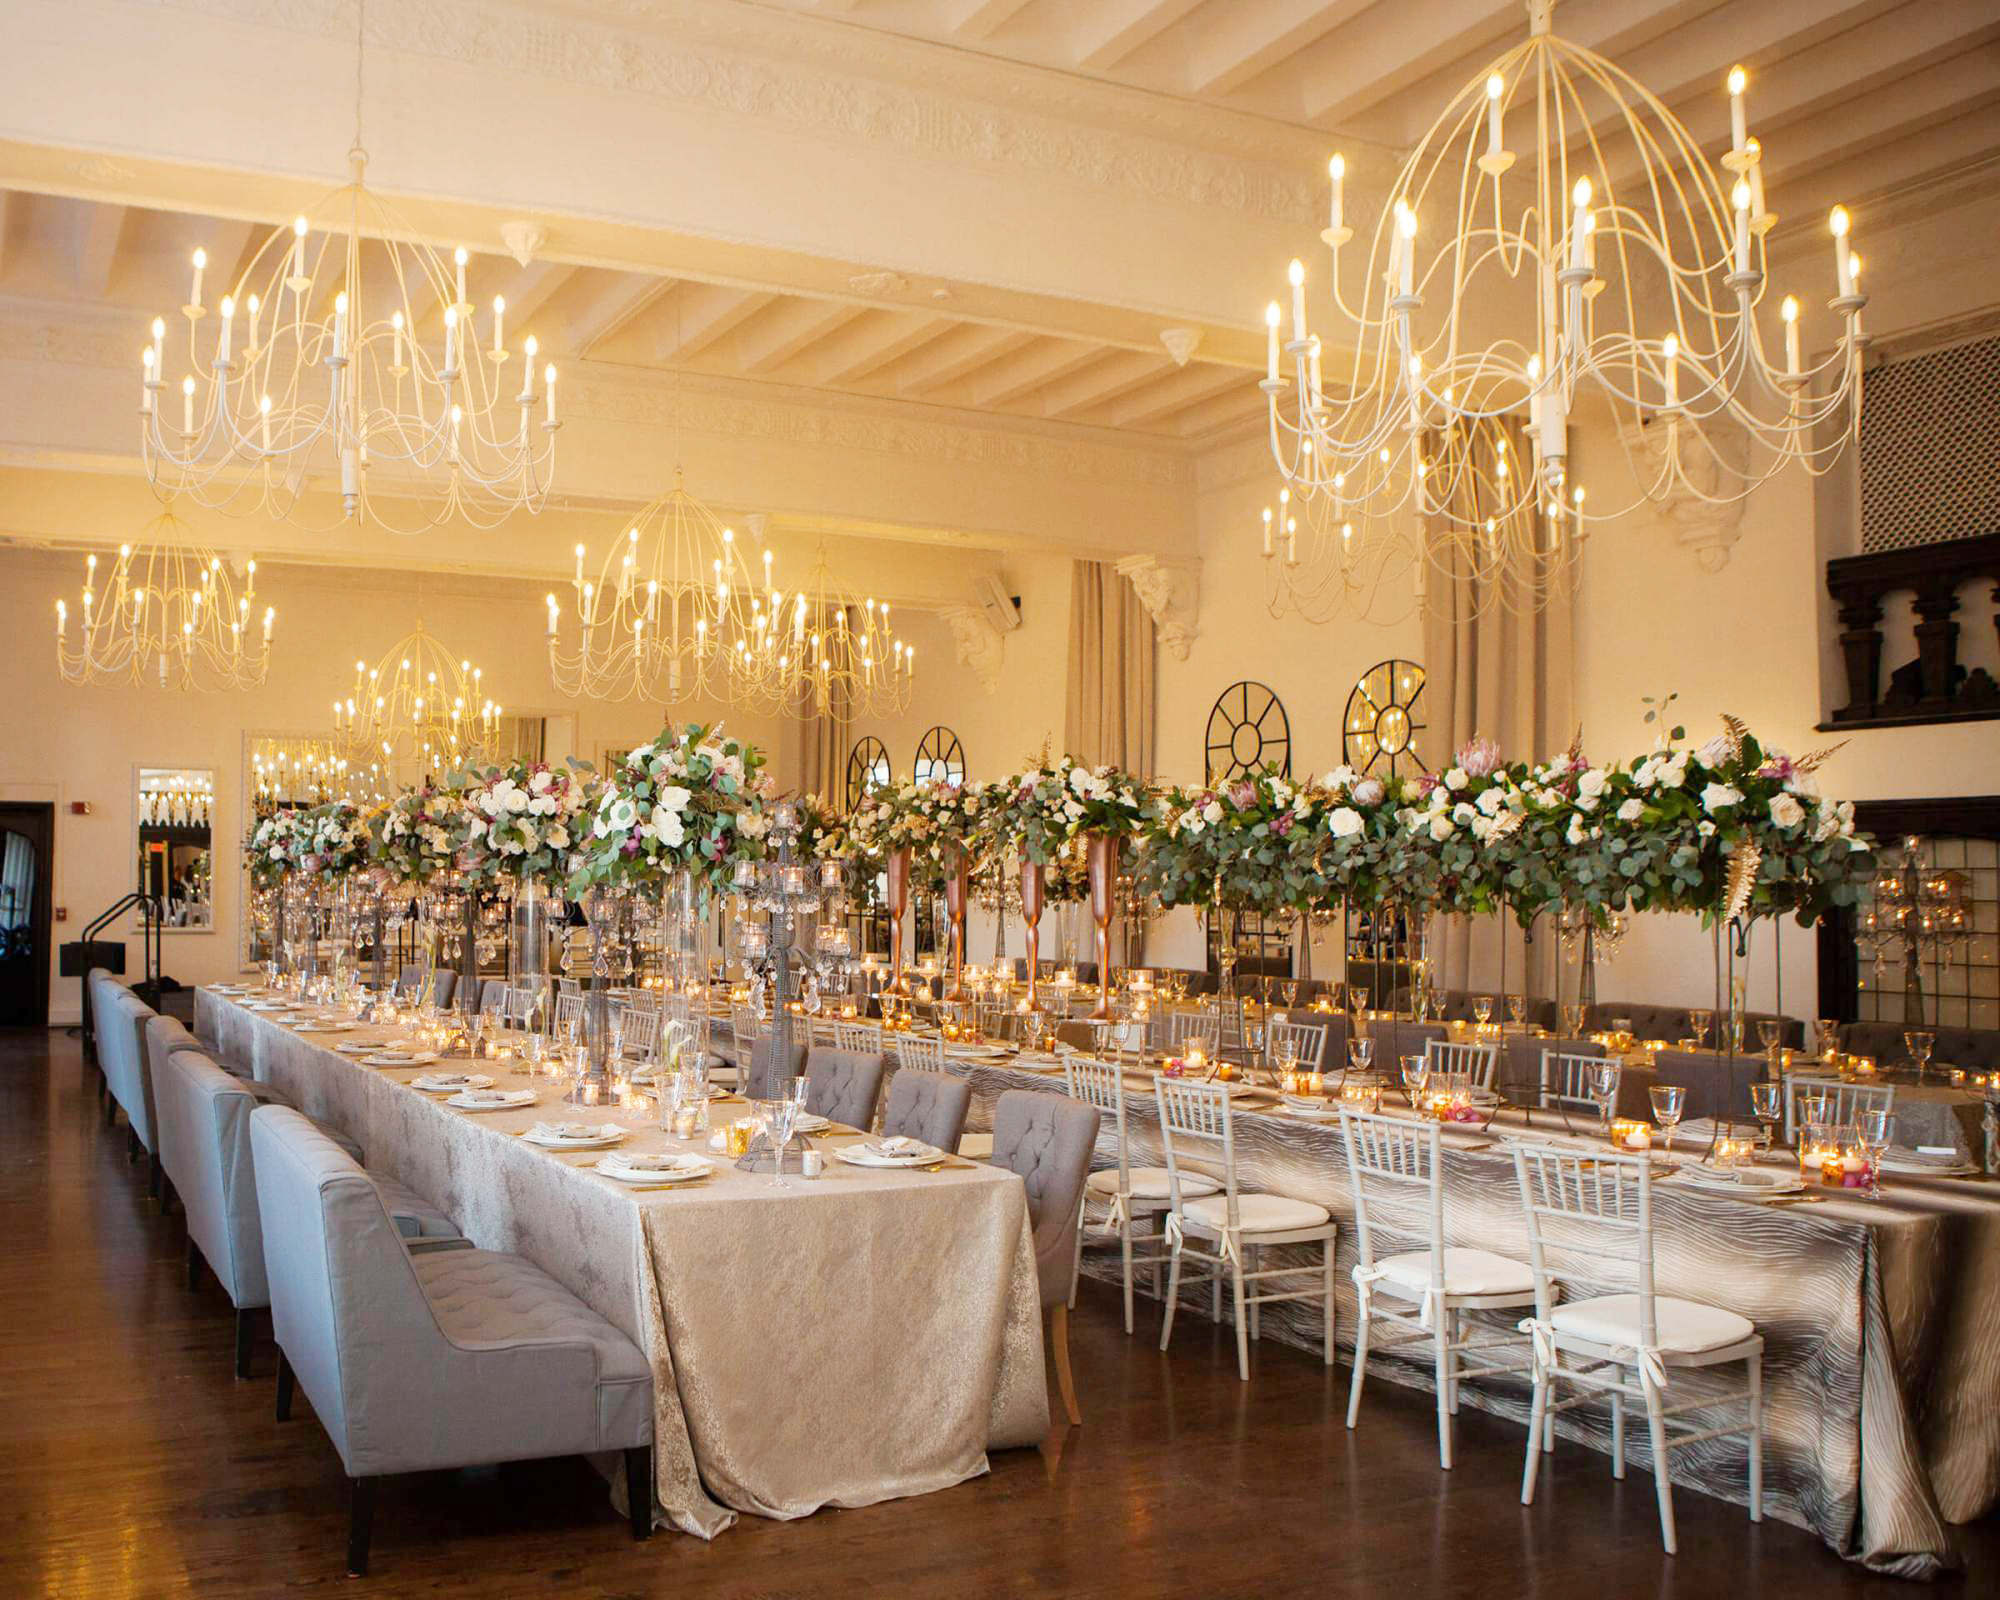 Boston weddings q hegarty photography weddings portraits boston wedding photographer boston wedding venues boston weddings junglespirit Images